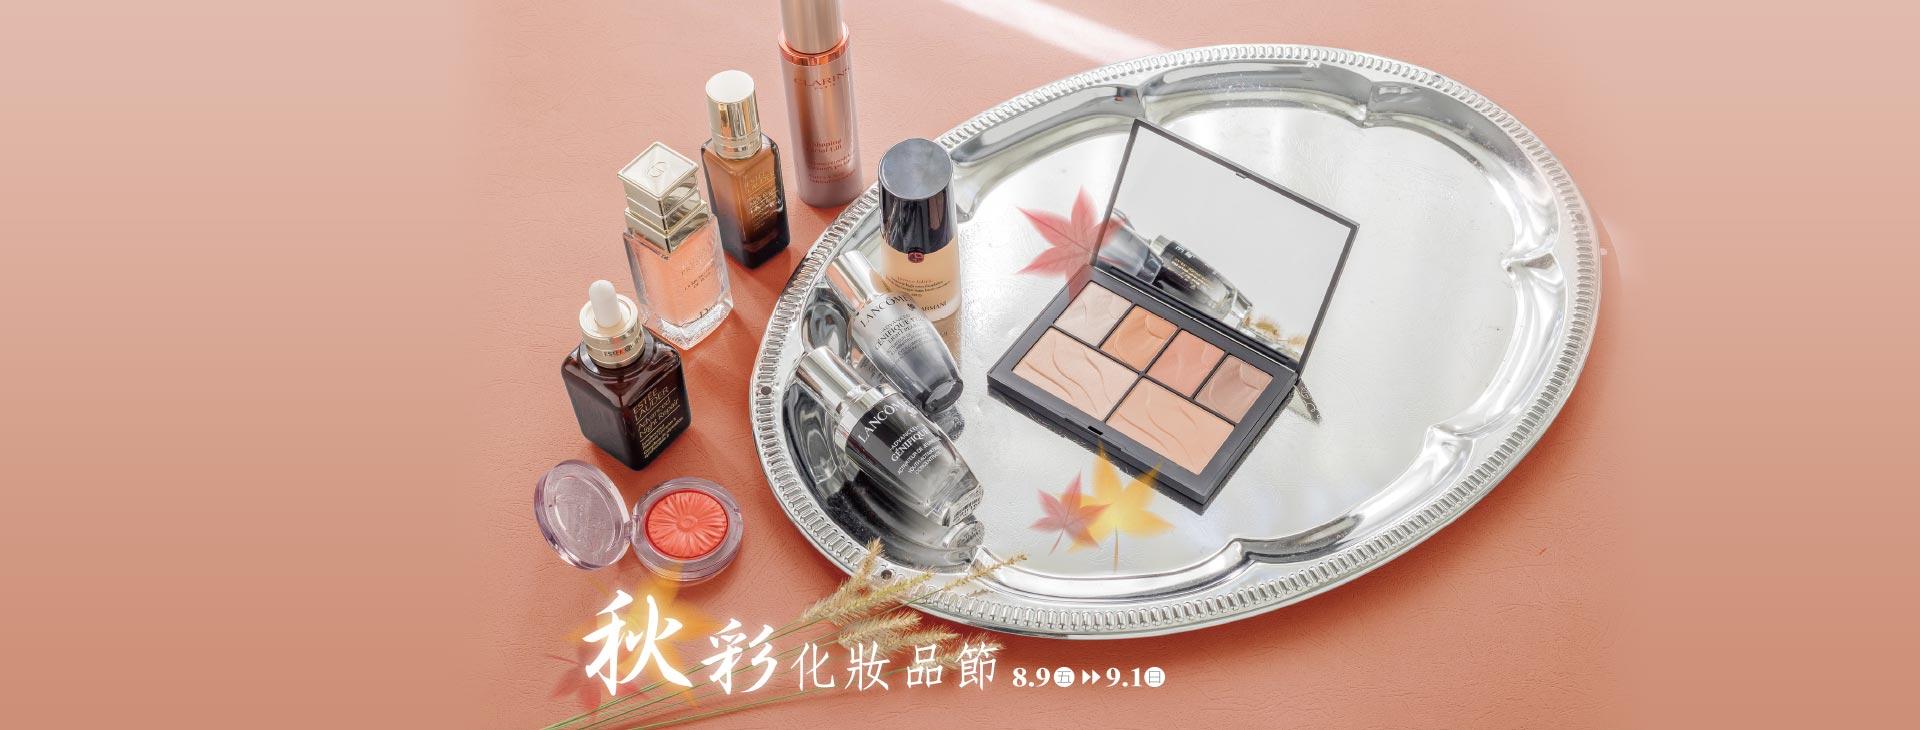 秋彩化妝品節